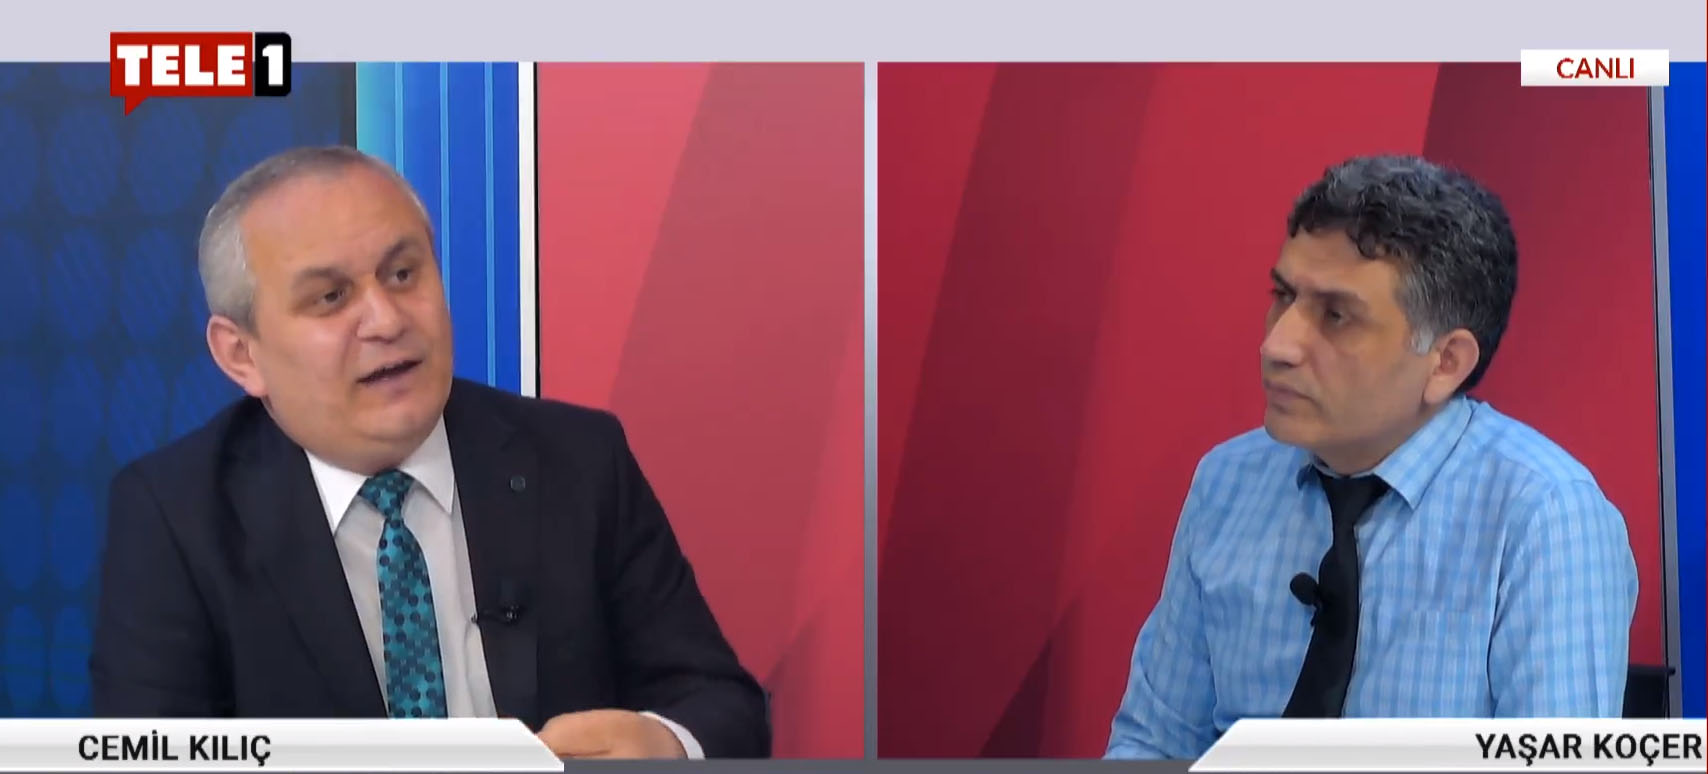 İlahiyatçı Cemil Kılıç: Farklı bir din veya mezhep ile evlenebilirim diyenlerin oranı Z kuşağında yüzde 82!